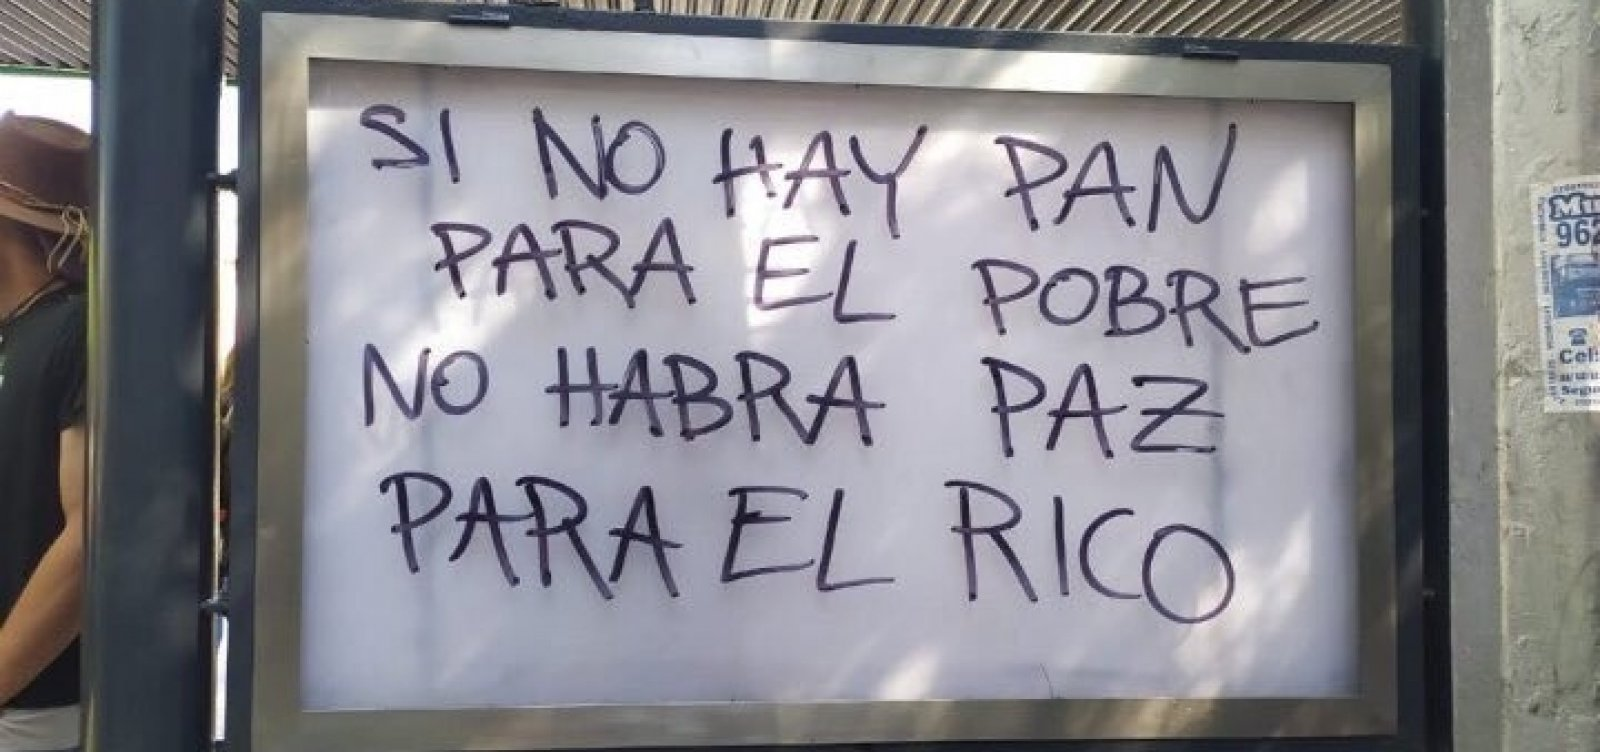 [Presidente do Chile decreta estado de emergência após protestos]